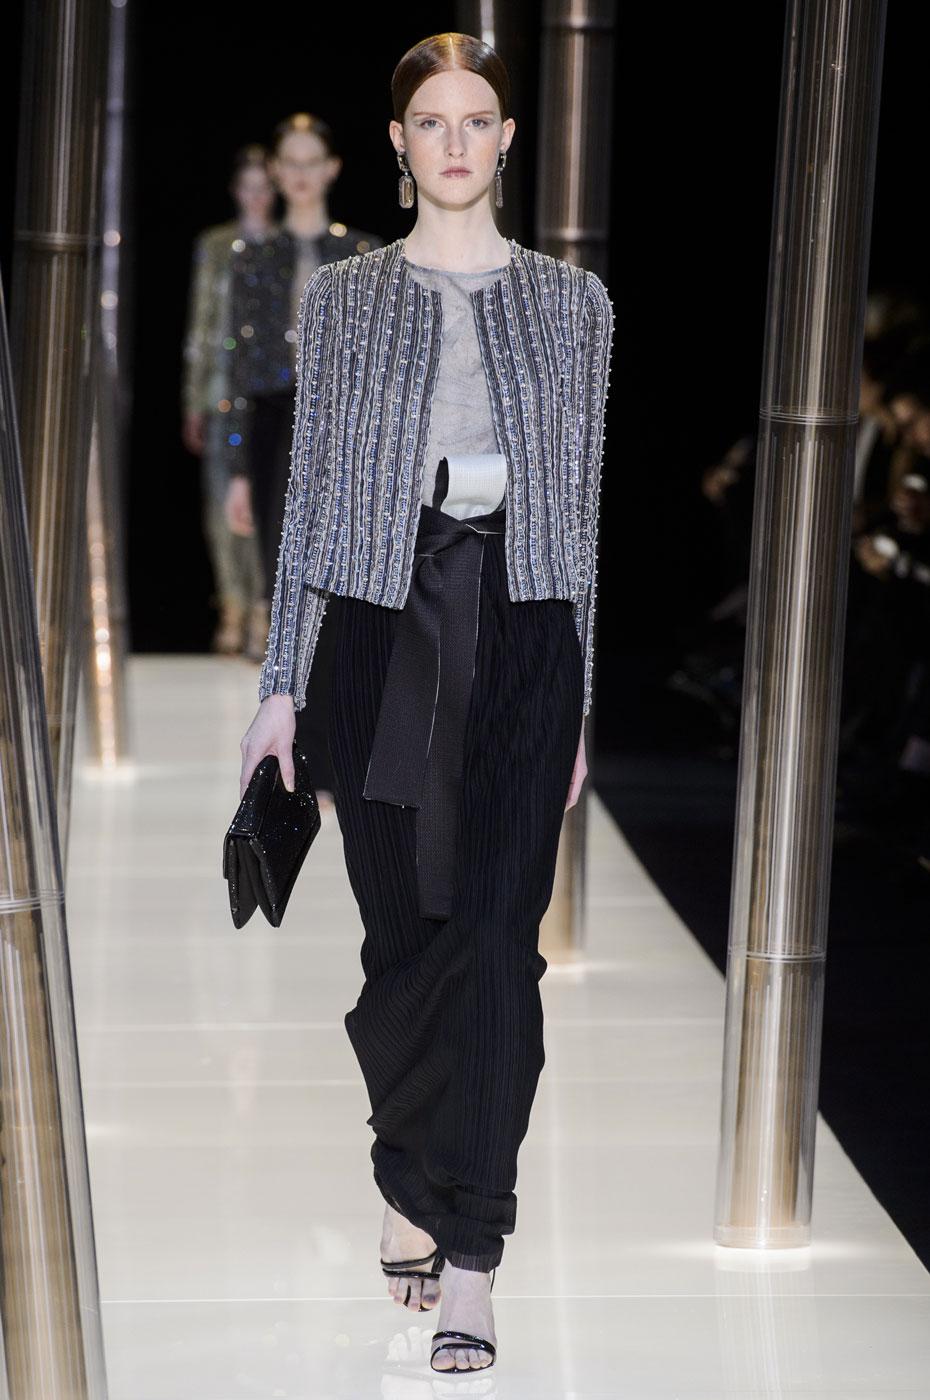 Giorgio-armani-Prive-fashion-runway-show-haute-couture-paris-spring-2015-the-impression-073